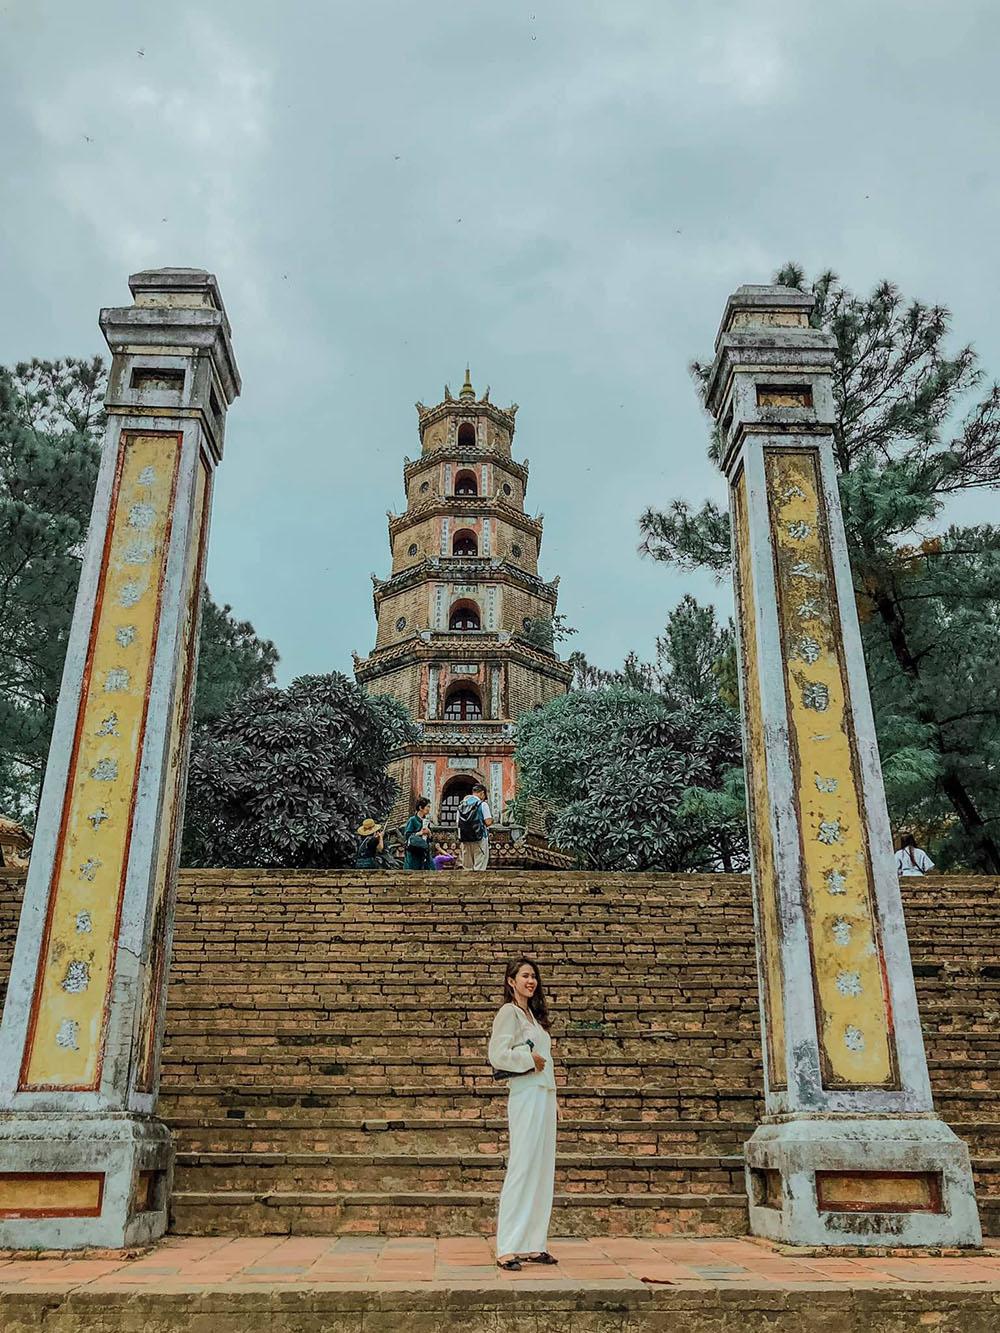 Chua Thien Mu Review Hue Da Nang Hoi An Ninh Binh 7n7d Chi Voi 8 Trieu Tin Duoc Khong 01